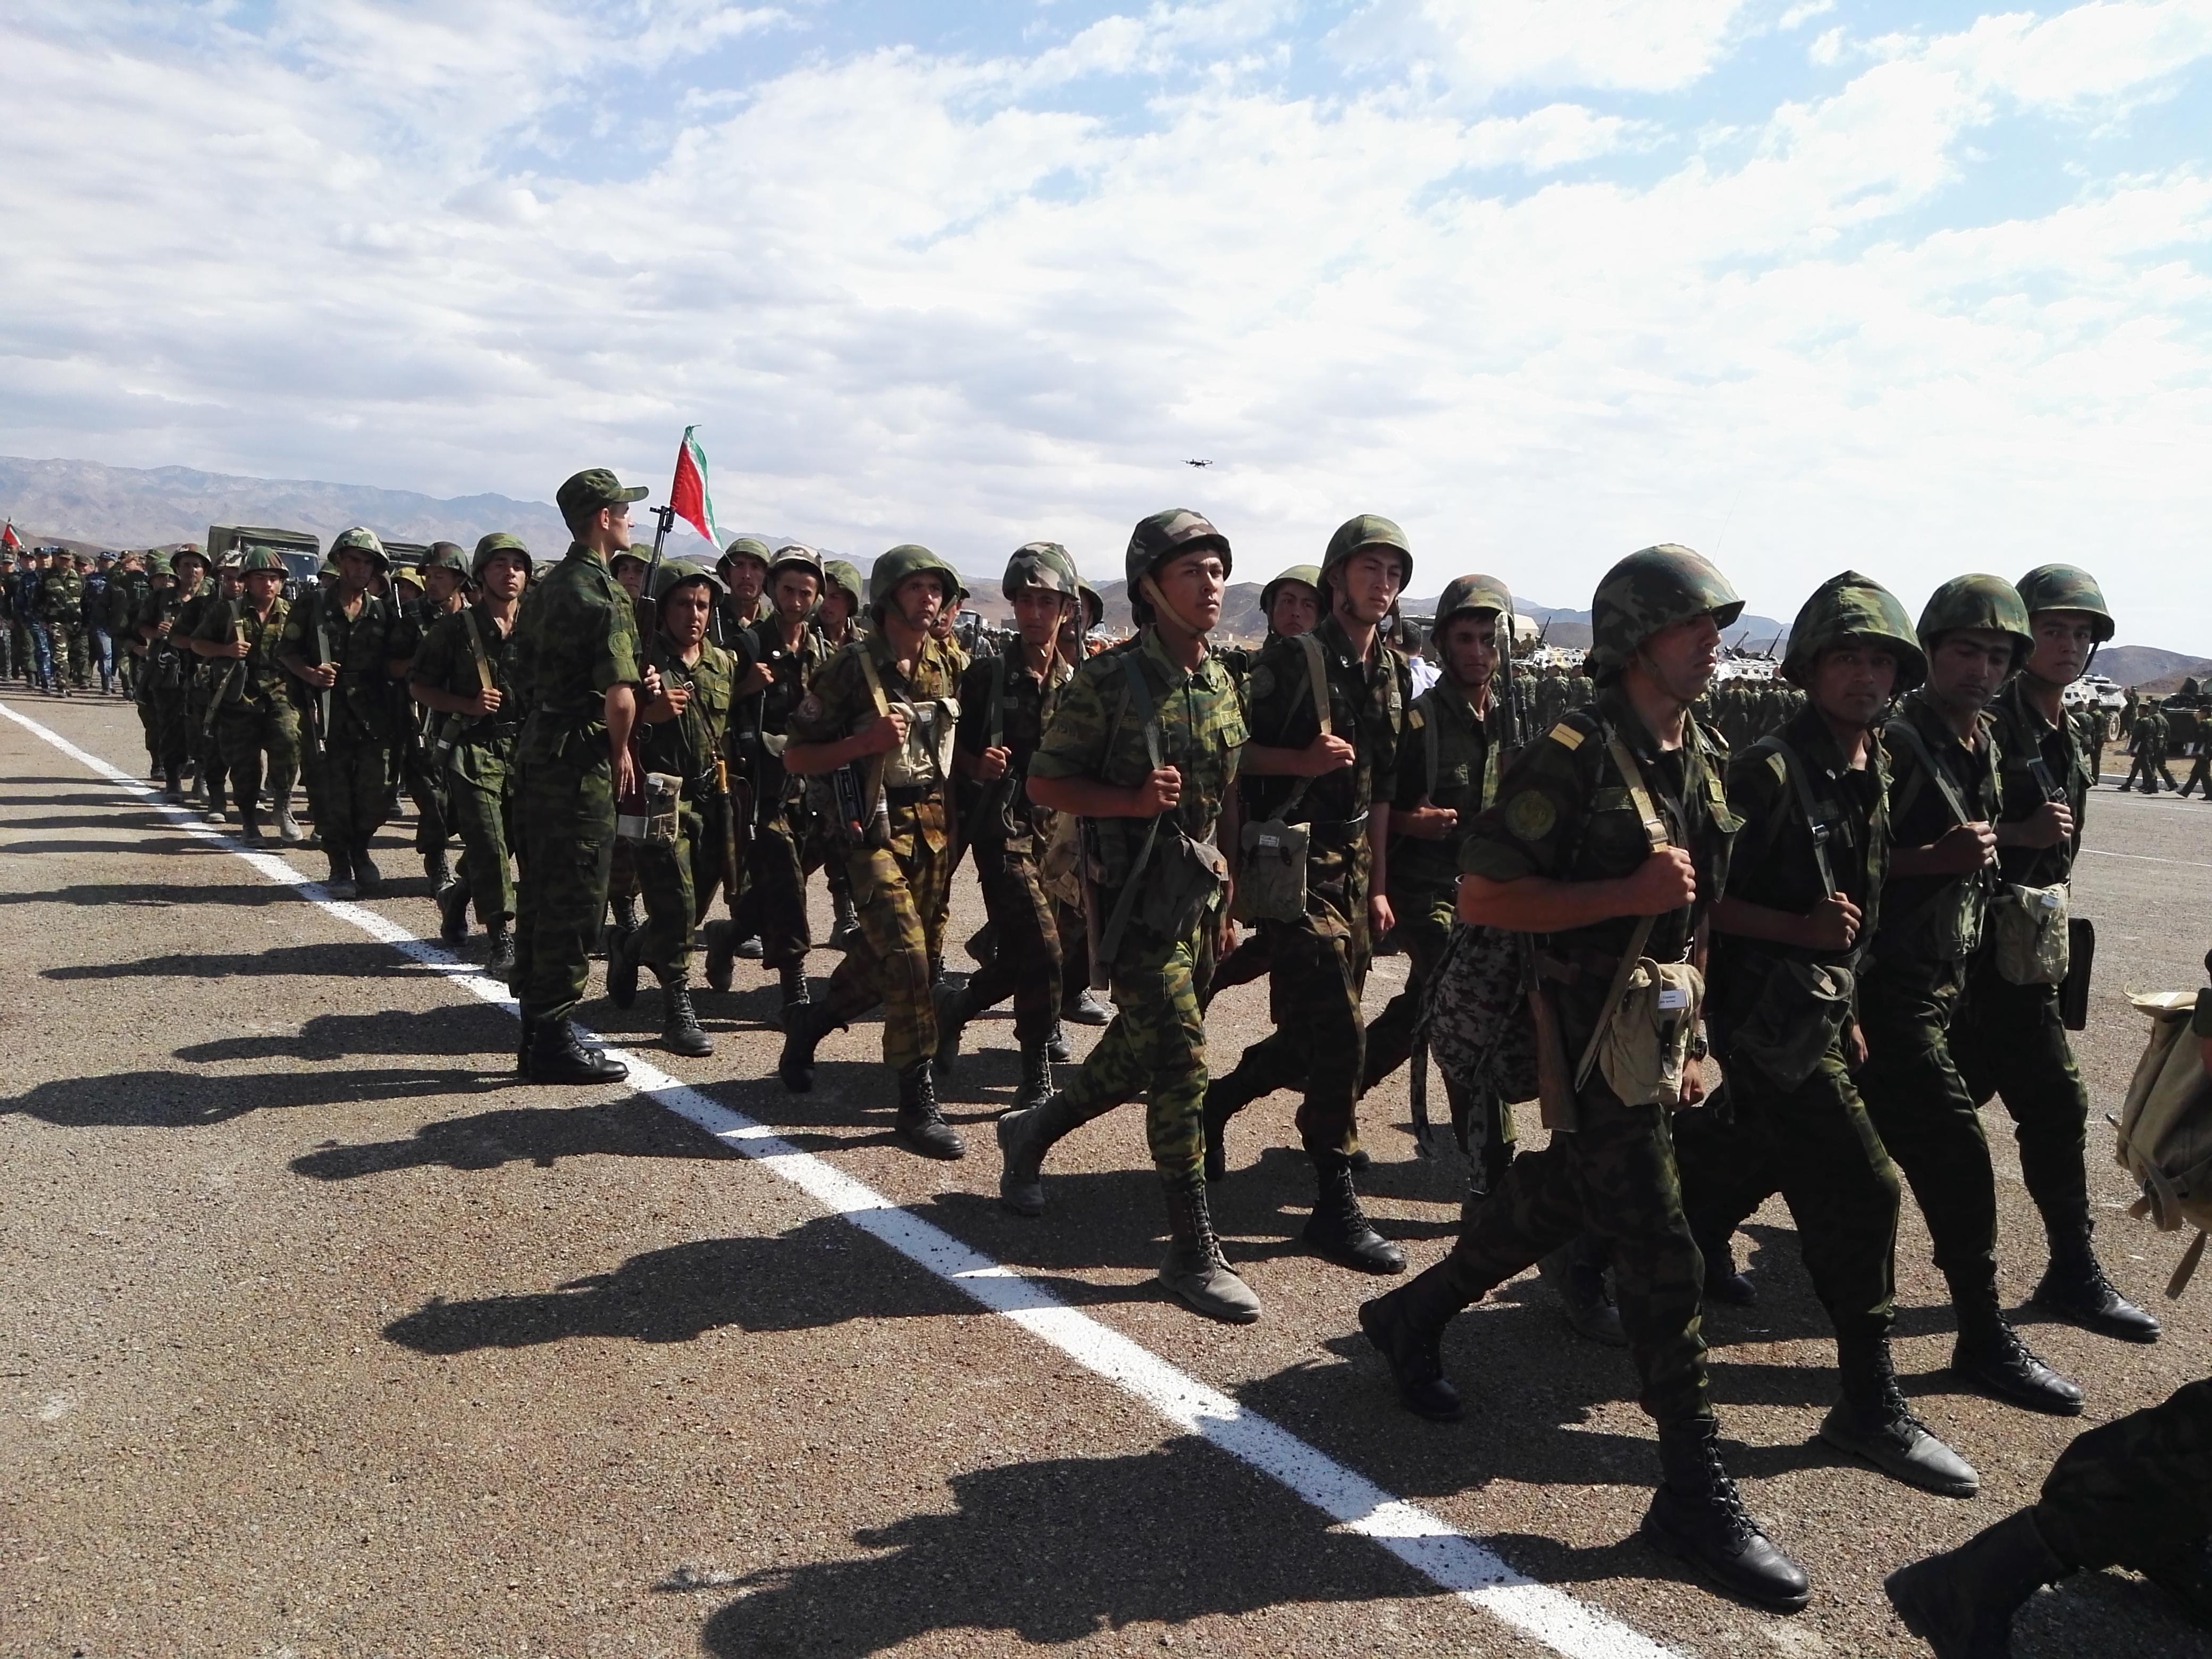 Таджикистан готовится к возможной миграции экстремистов